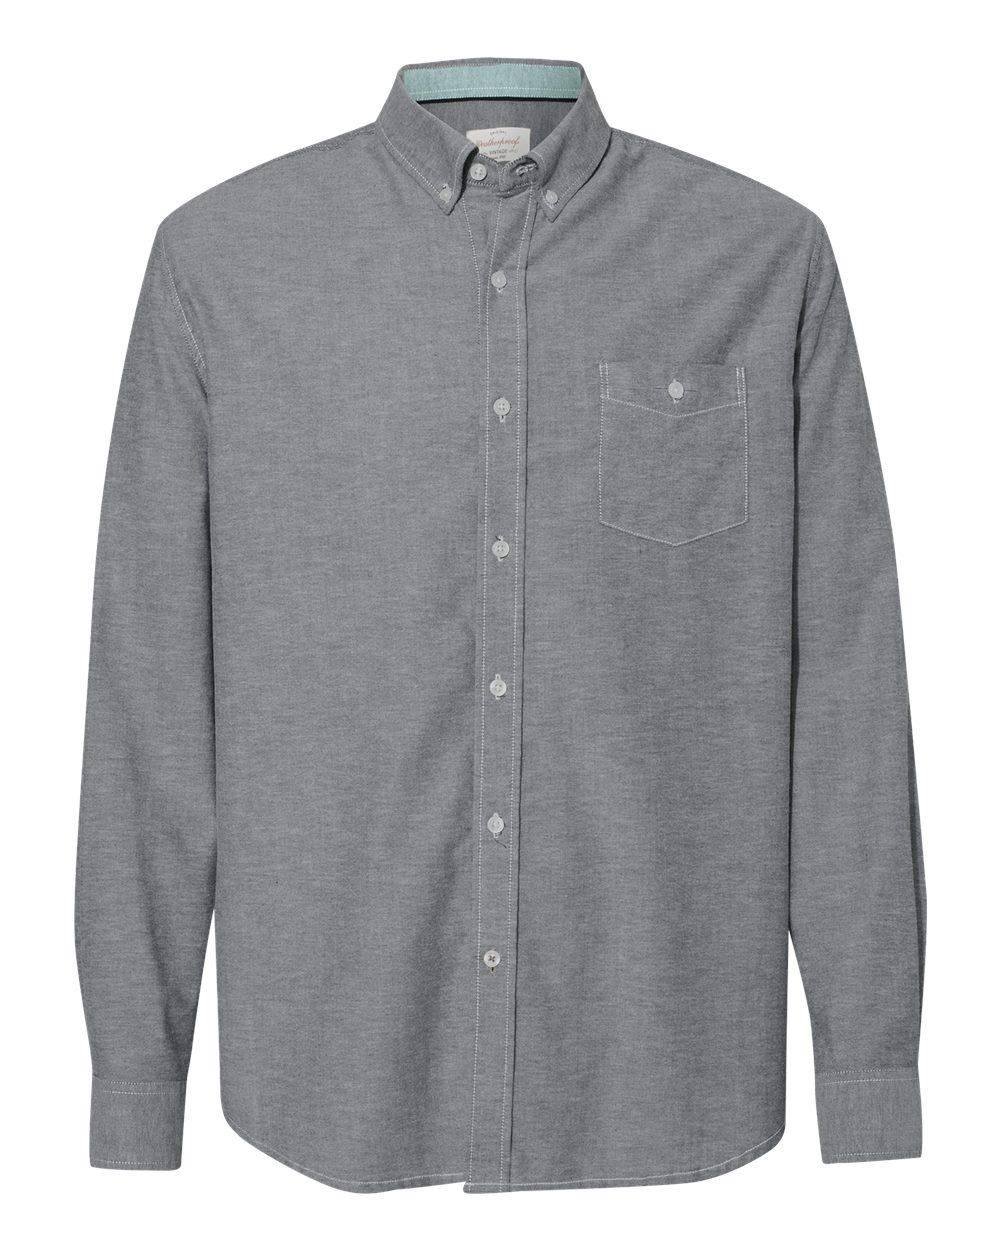 Vintage Stretch Brushed Oxford Shirt